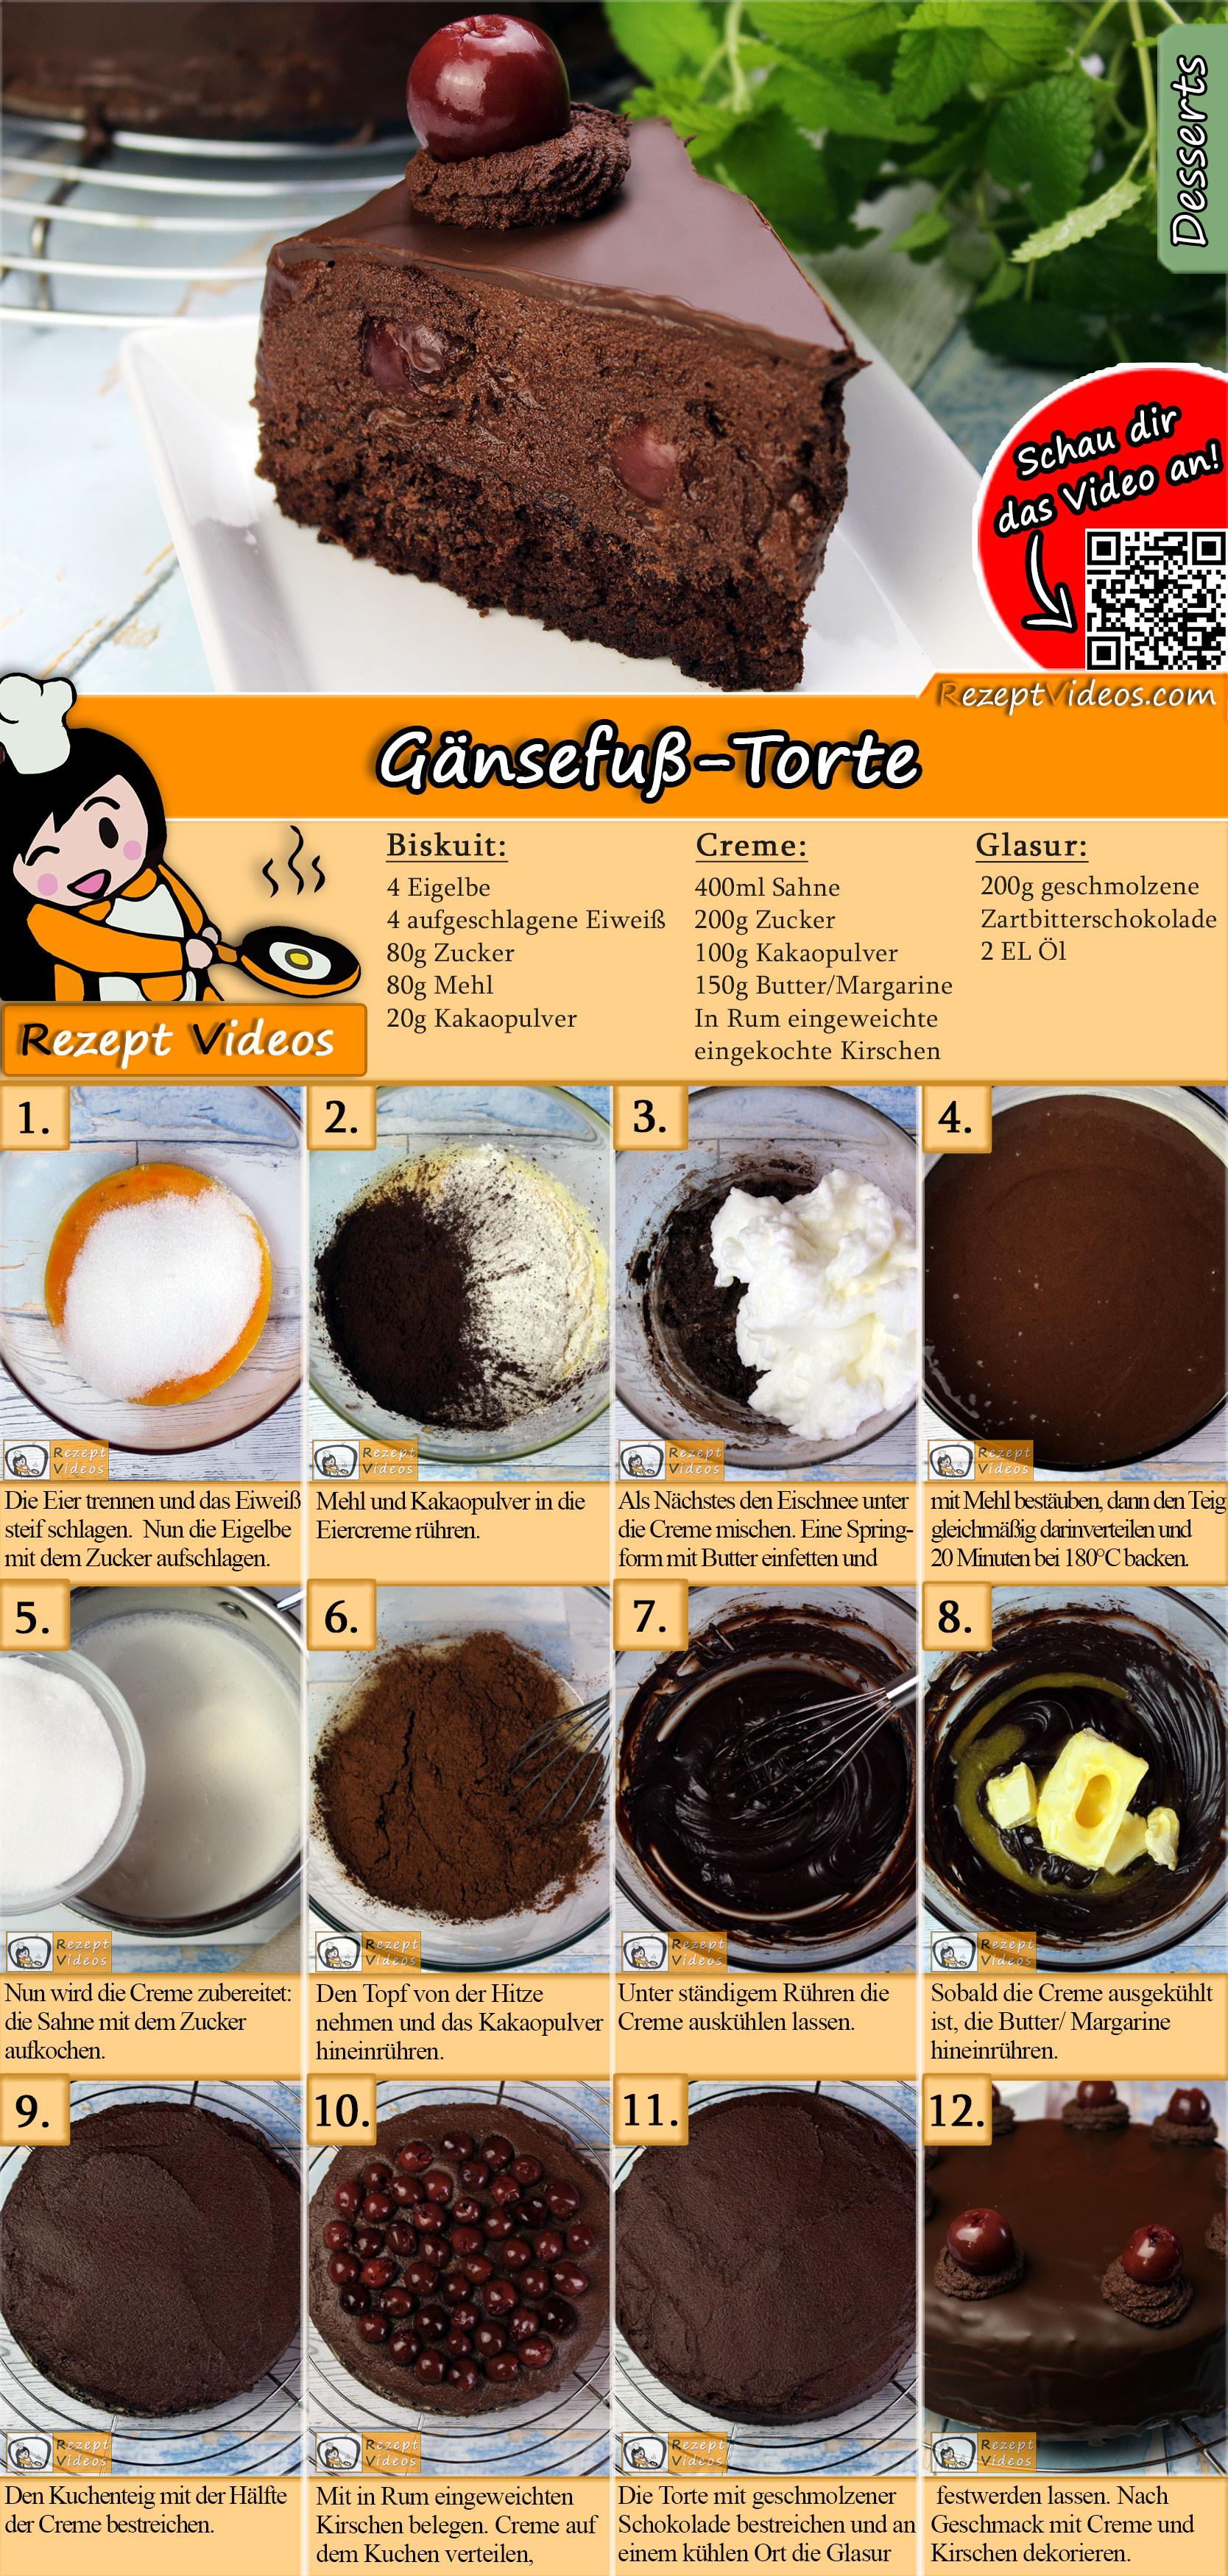 Gänsefuß-Torte Rezept mit Video